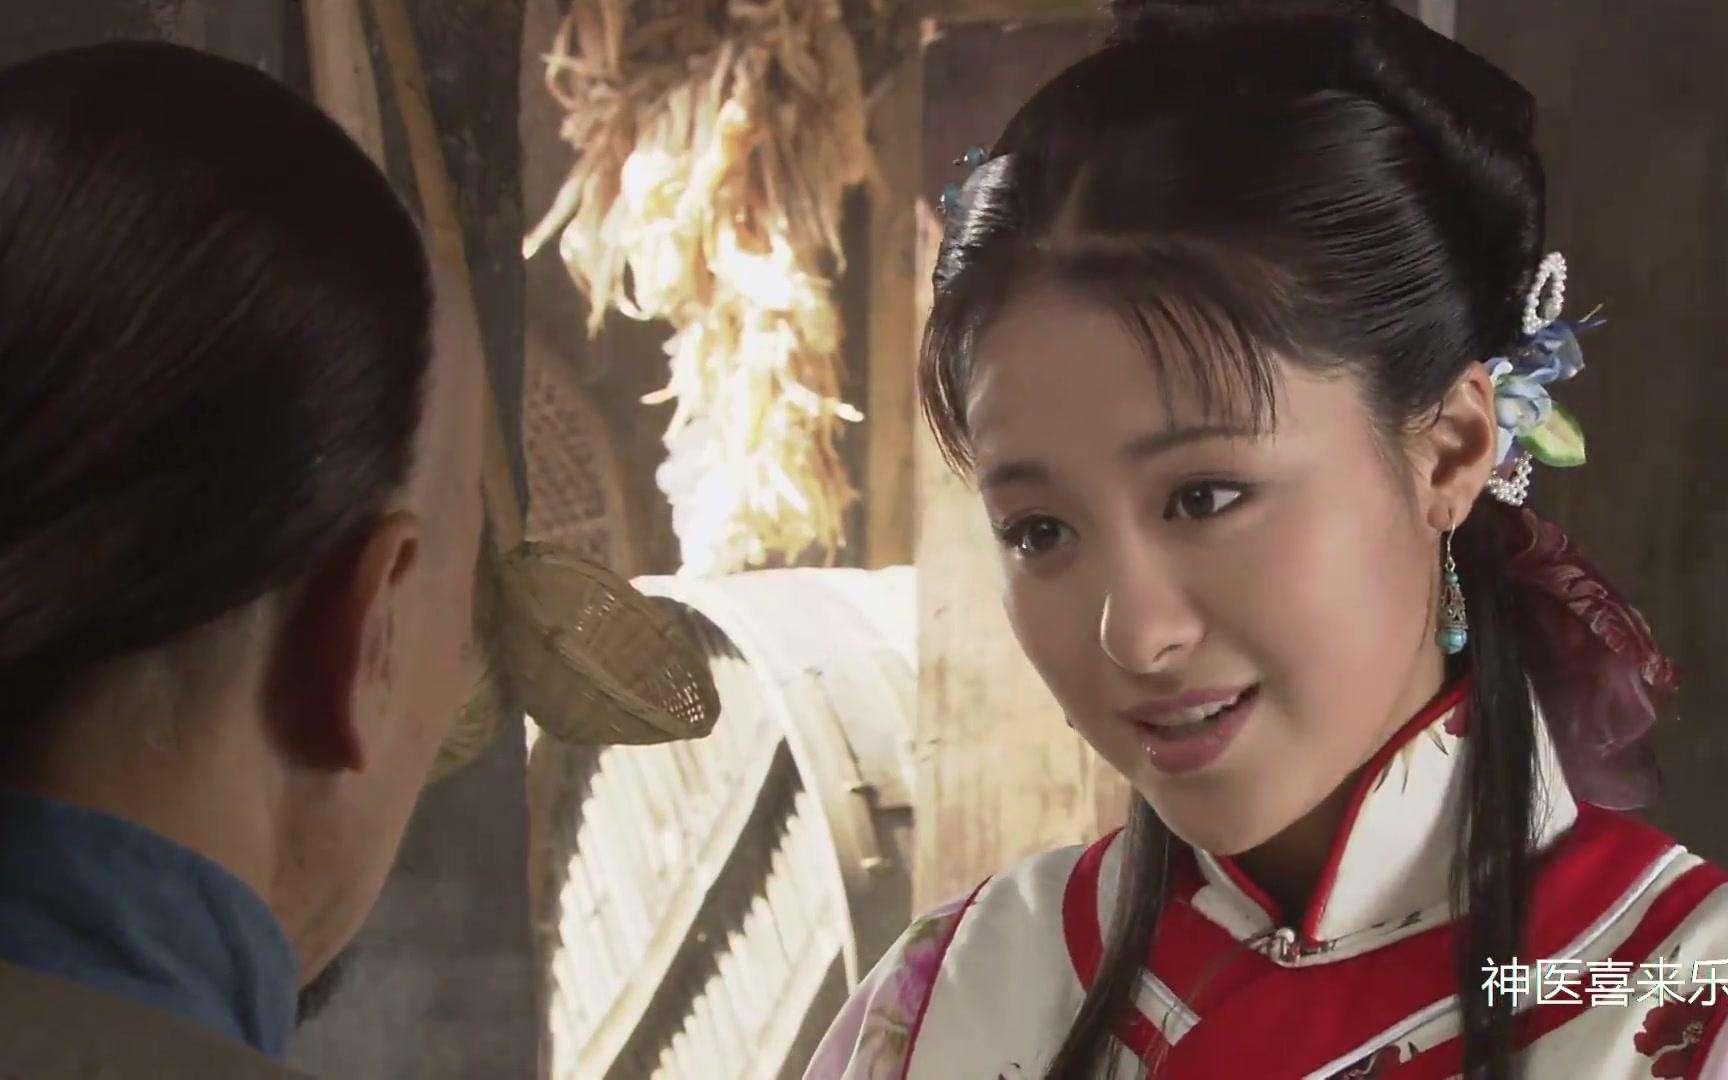 一代艺术家李保田,饰演各种角色不畏权贵,演技秒杀小鲜肉!